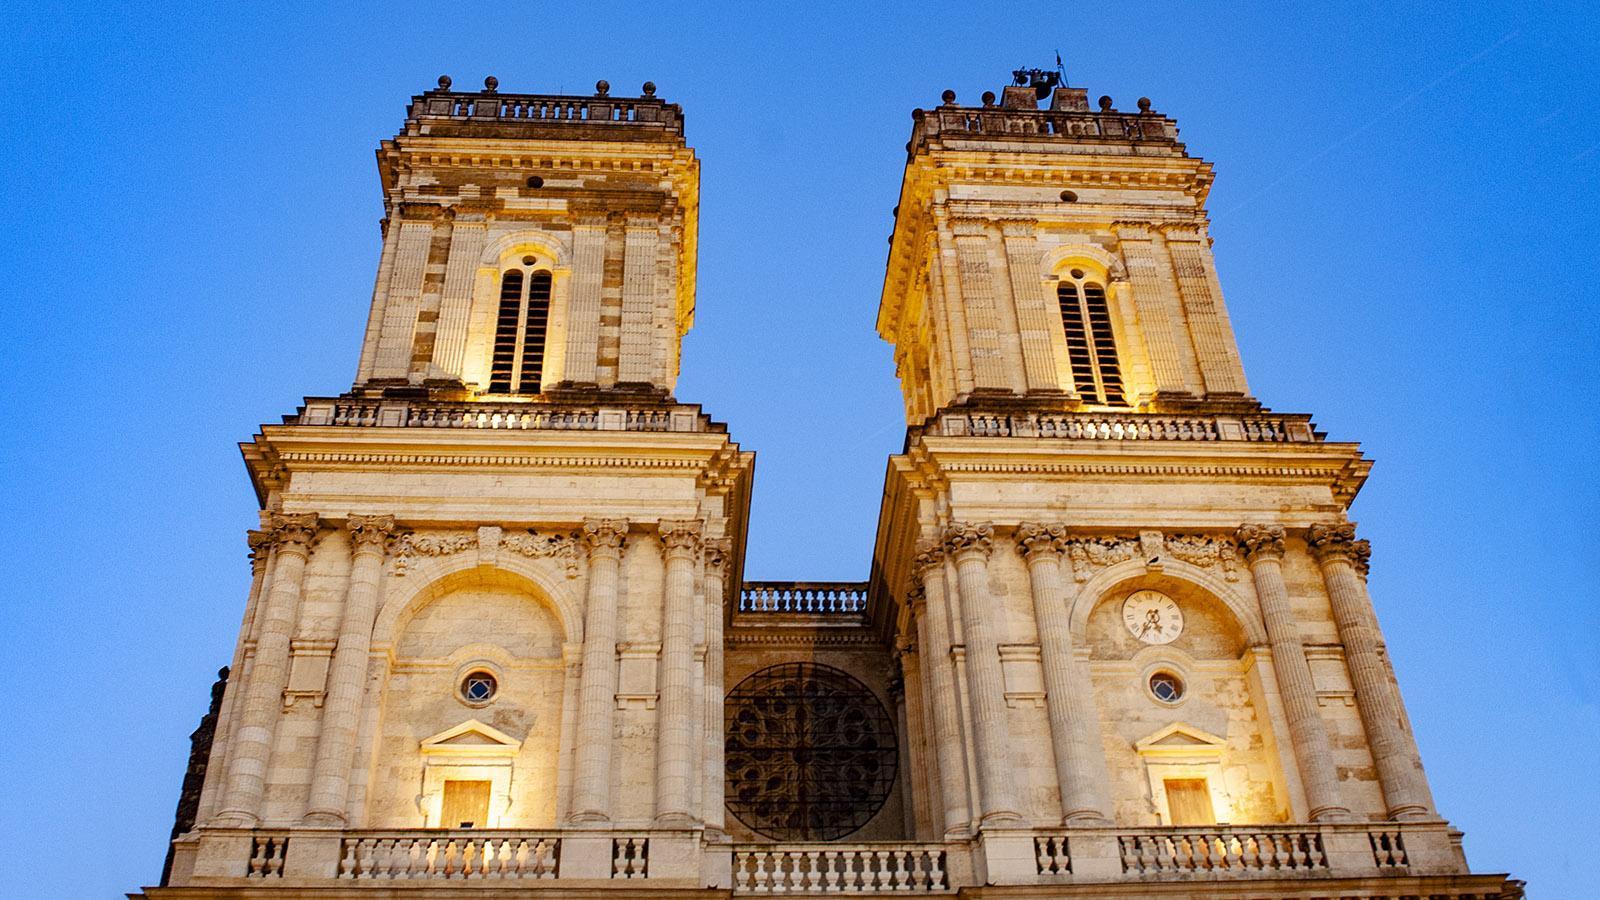 Die Kathedrale von Auch zur blauen Stunde. Foto: Hilke Maunder